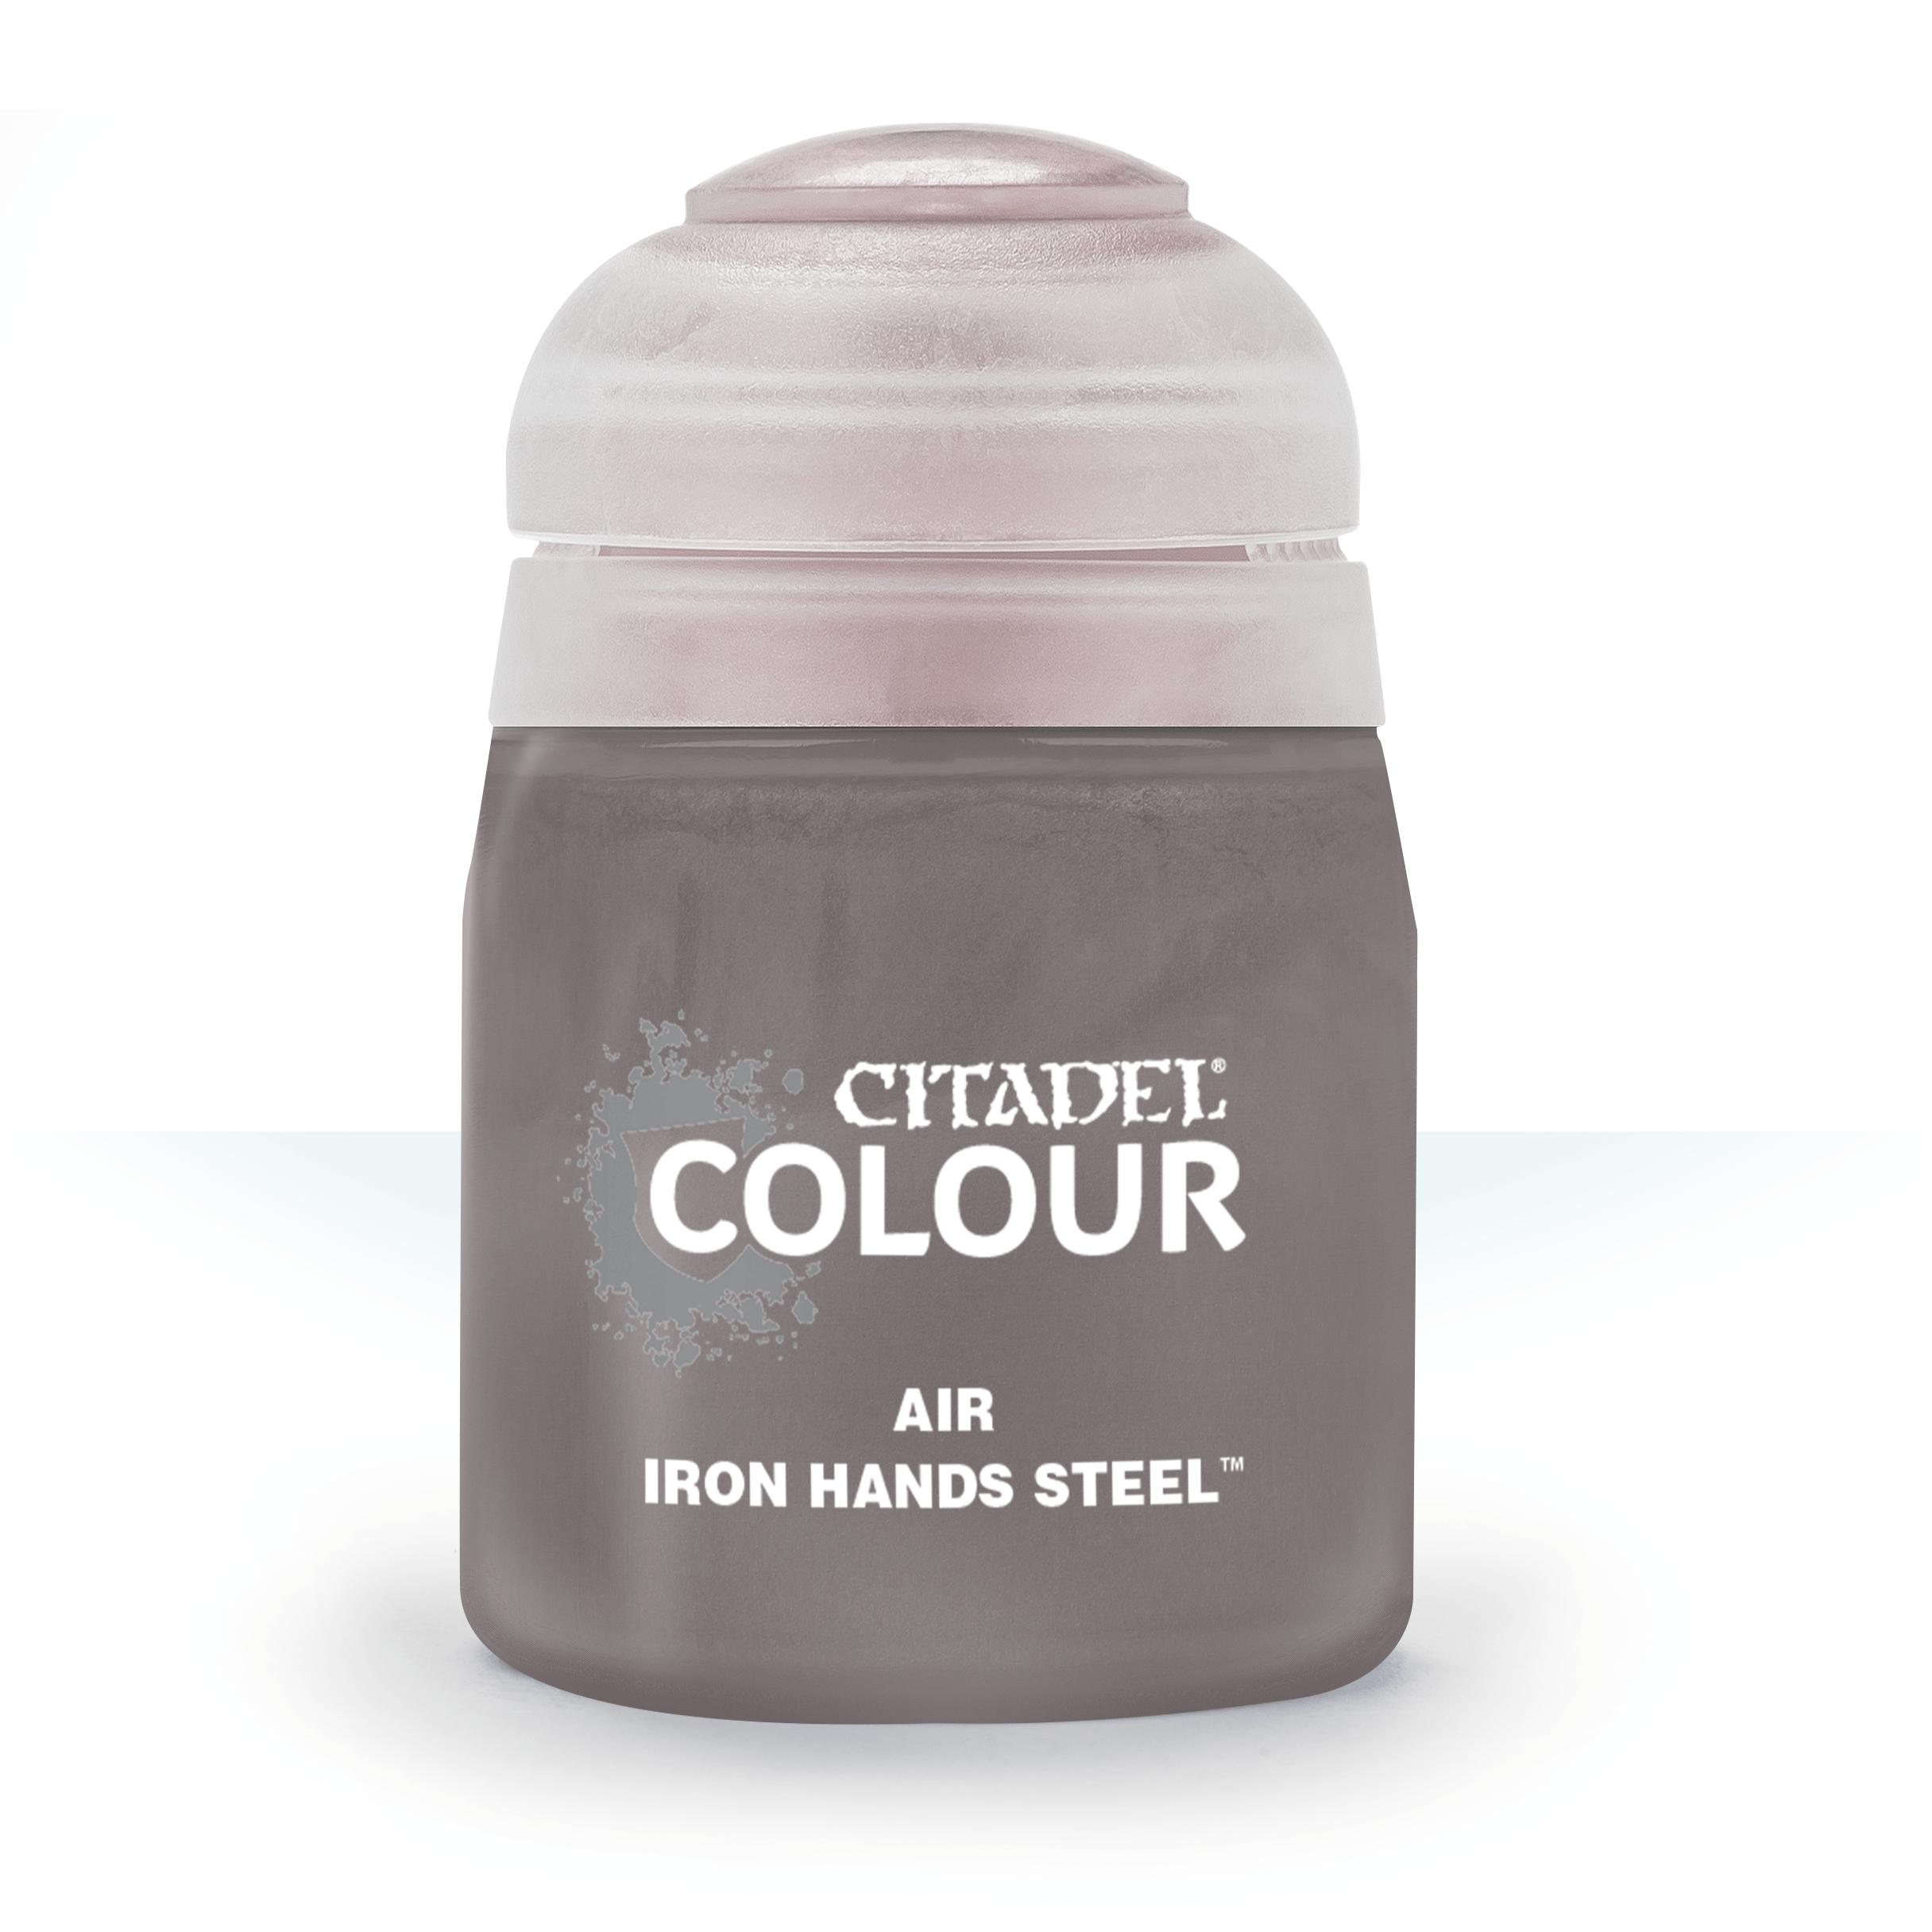 Ironhands Steel, Citadel Air 24ml